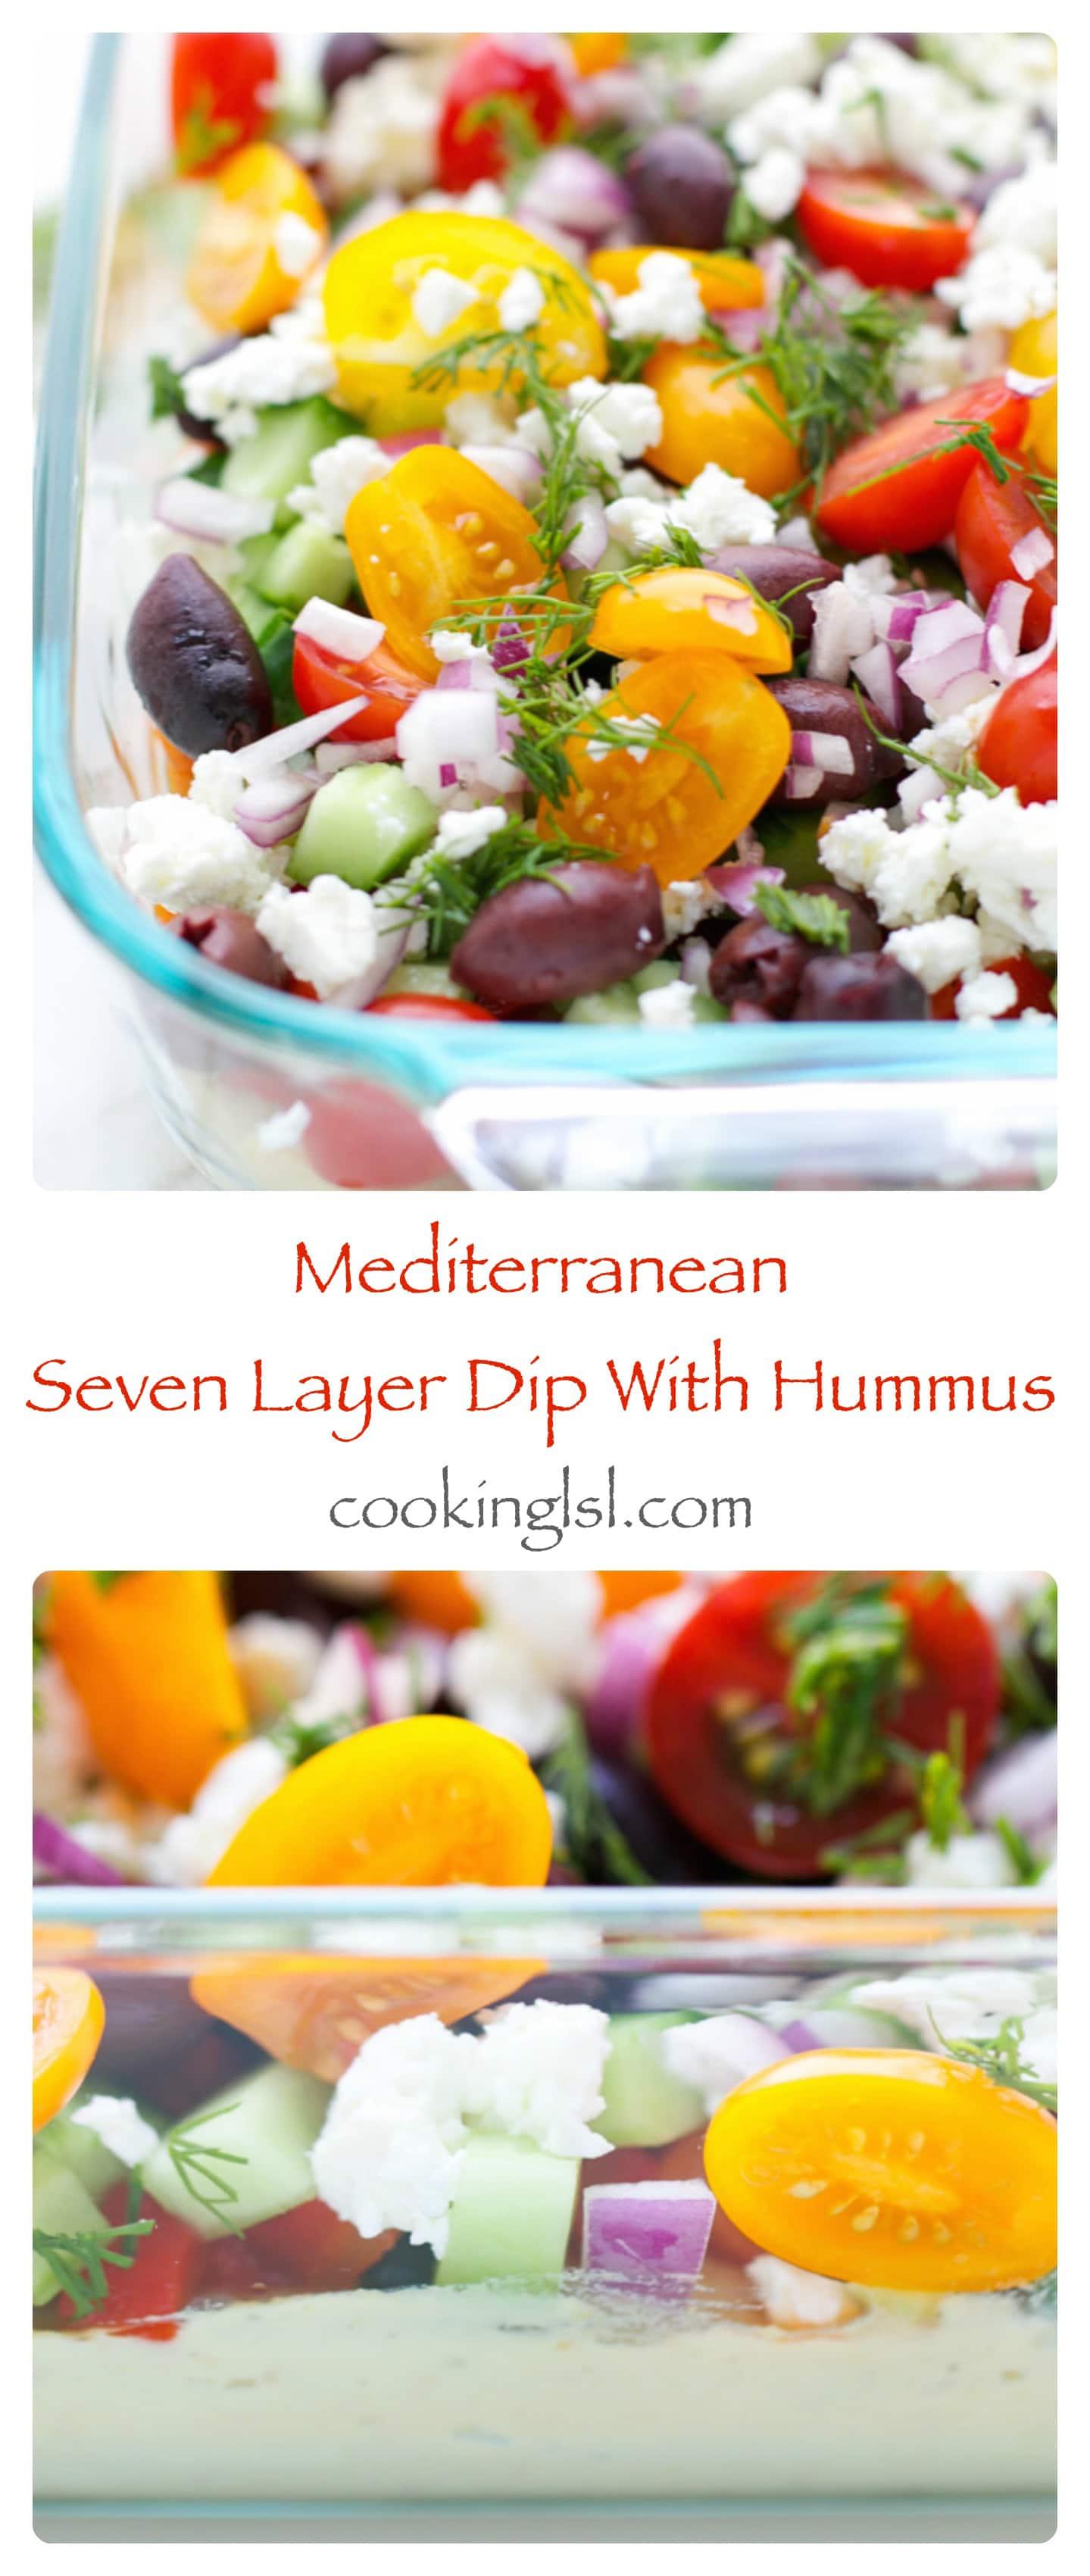 Mediterranean-seven-layer-dip-hummus